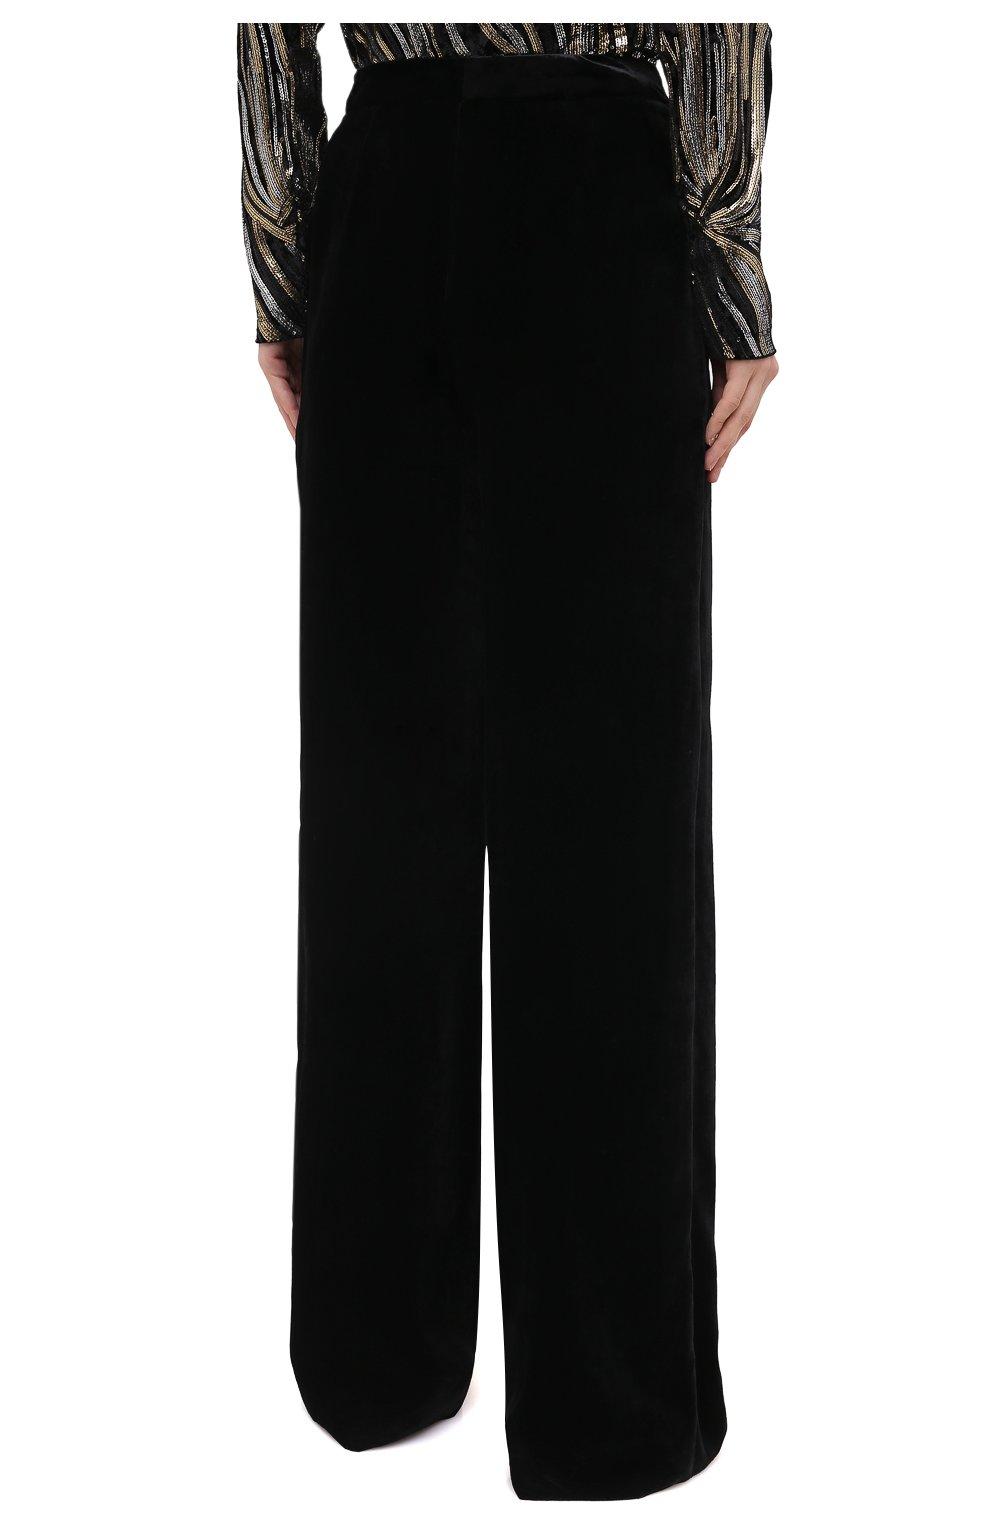 Женские брюки из вискозы и шелка ZUHAIR MURAD черного цвета, арт. TRP20340/VESB003   Фото 4 (Длина (брюки, джинсы): Удлиненные; Женское Кросс-КТ: Брюки-одежда; Силуэт Ж (брюки и джинсы): Прямые; Материал внешний: Вискоза; Стили: Романтичный)